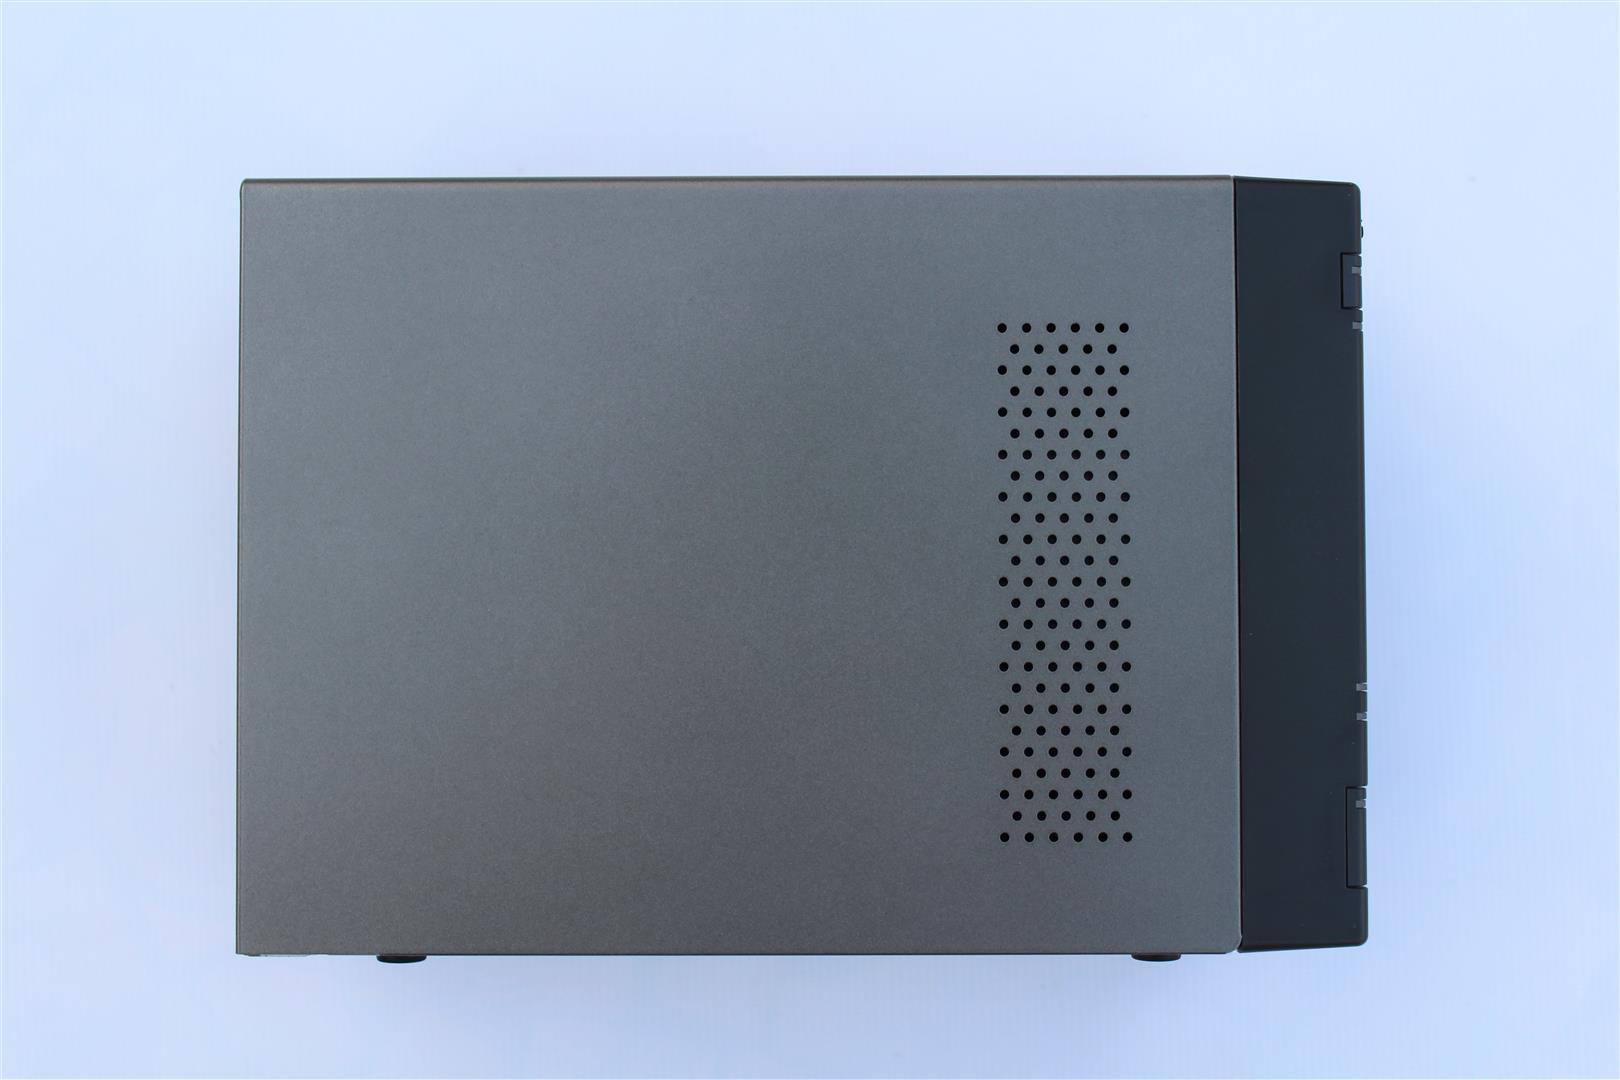 Asustor AS6302T 2-Bay NAS Review - PC TeK REVIEWS